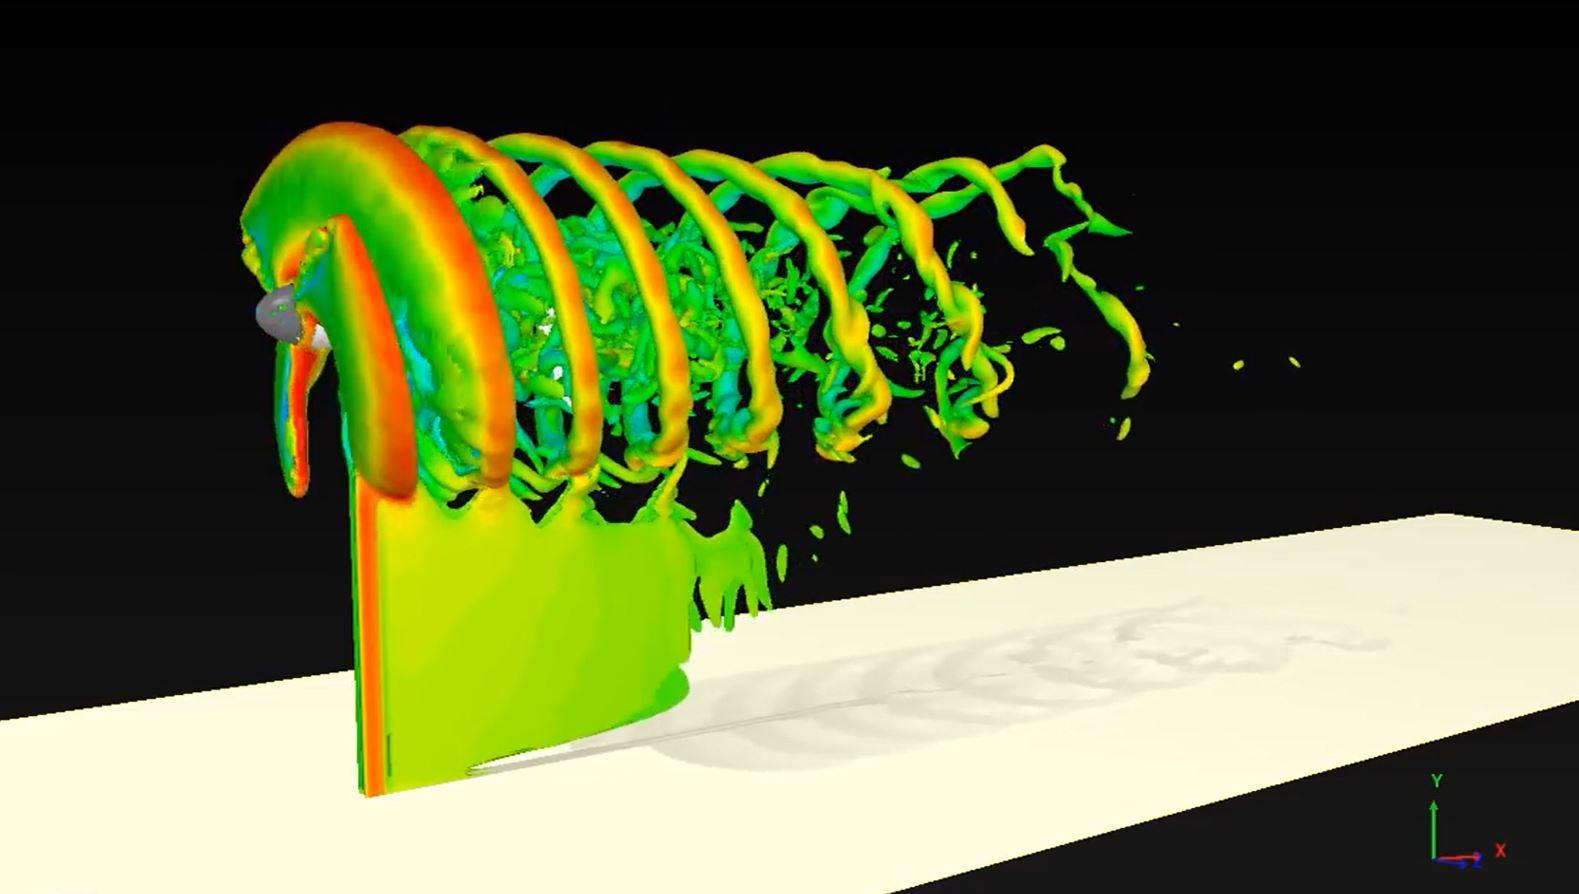 شبیهسازی عددی توربین باد در تونل باد مجازی ایکسفلو [فیلم]